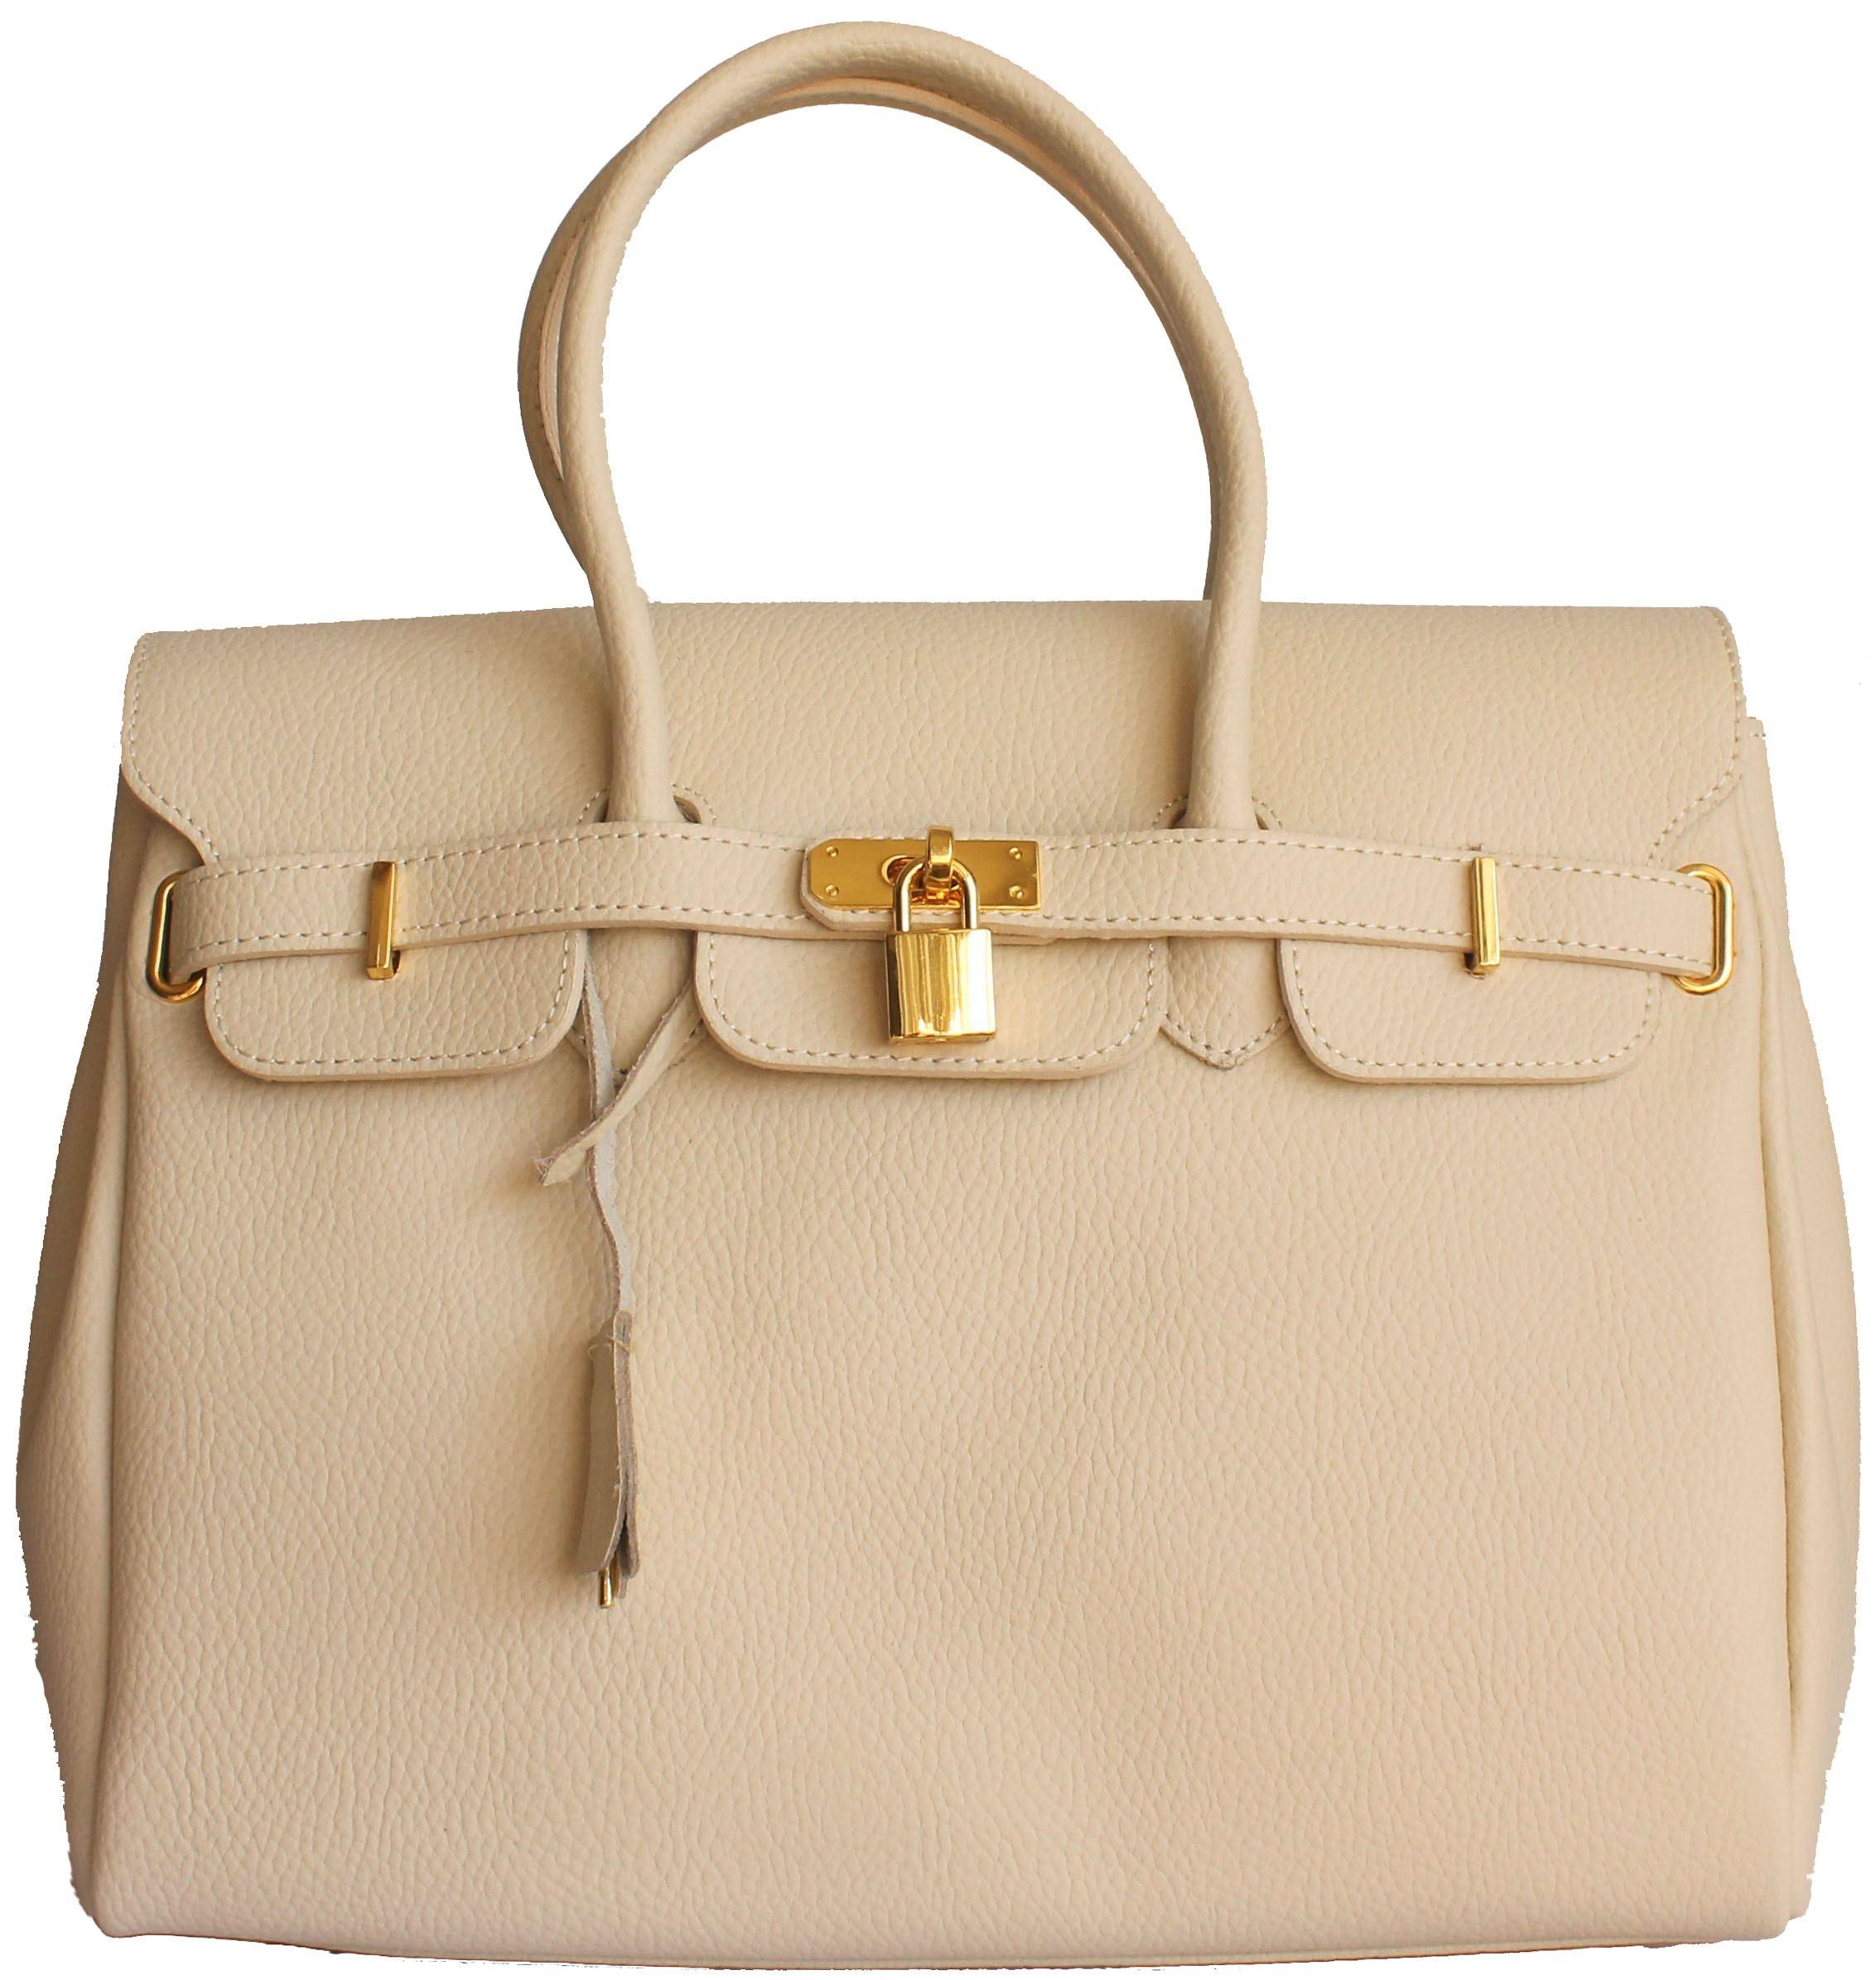 ff4e74f0444e Should I buy ladies handbags online  - Quora